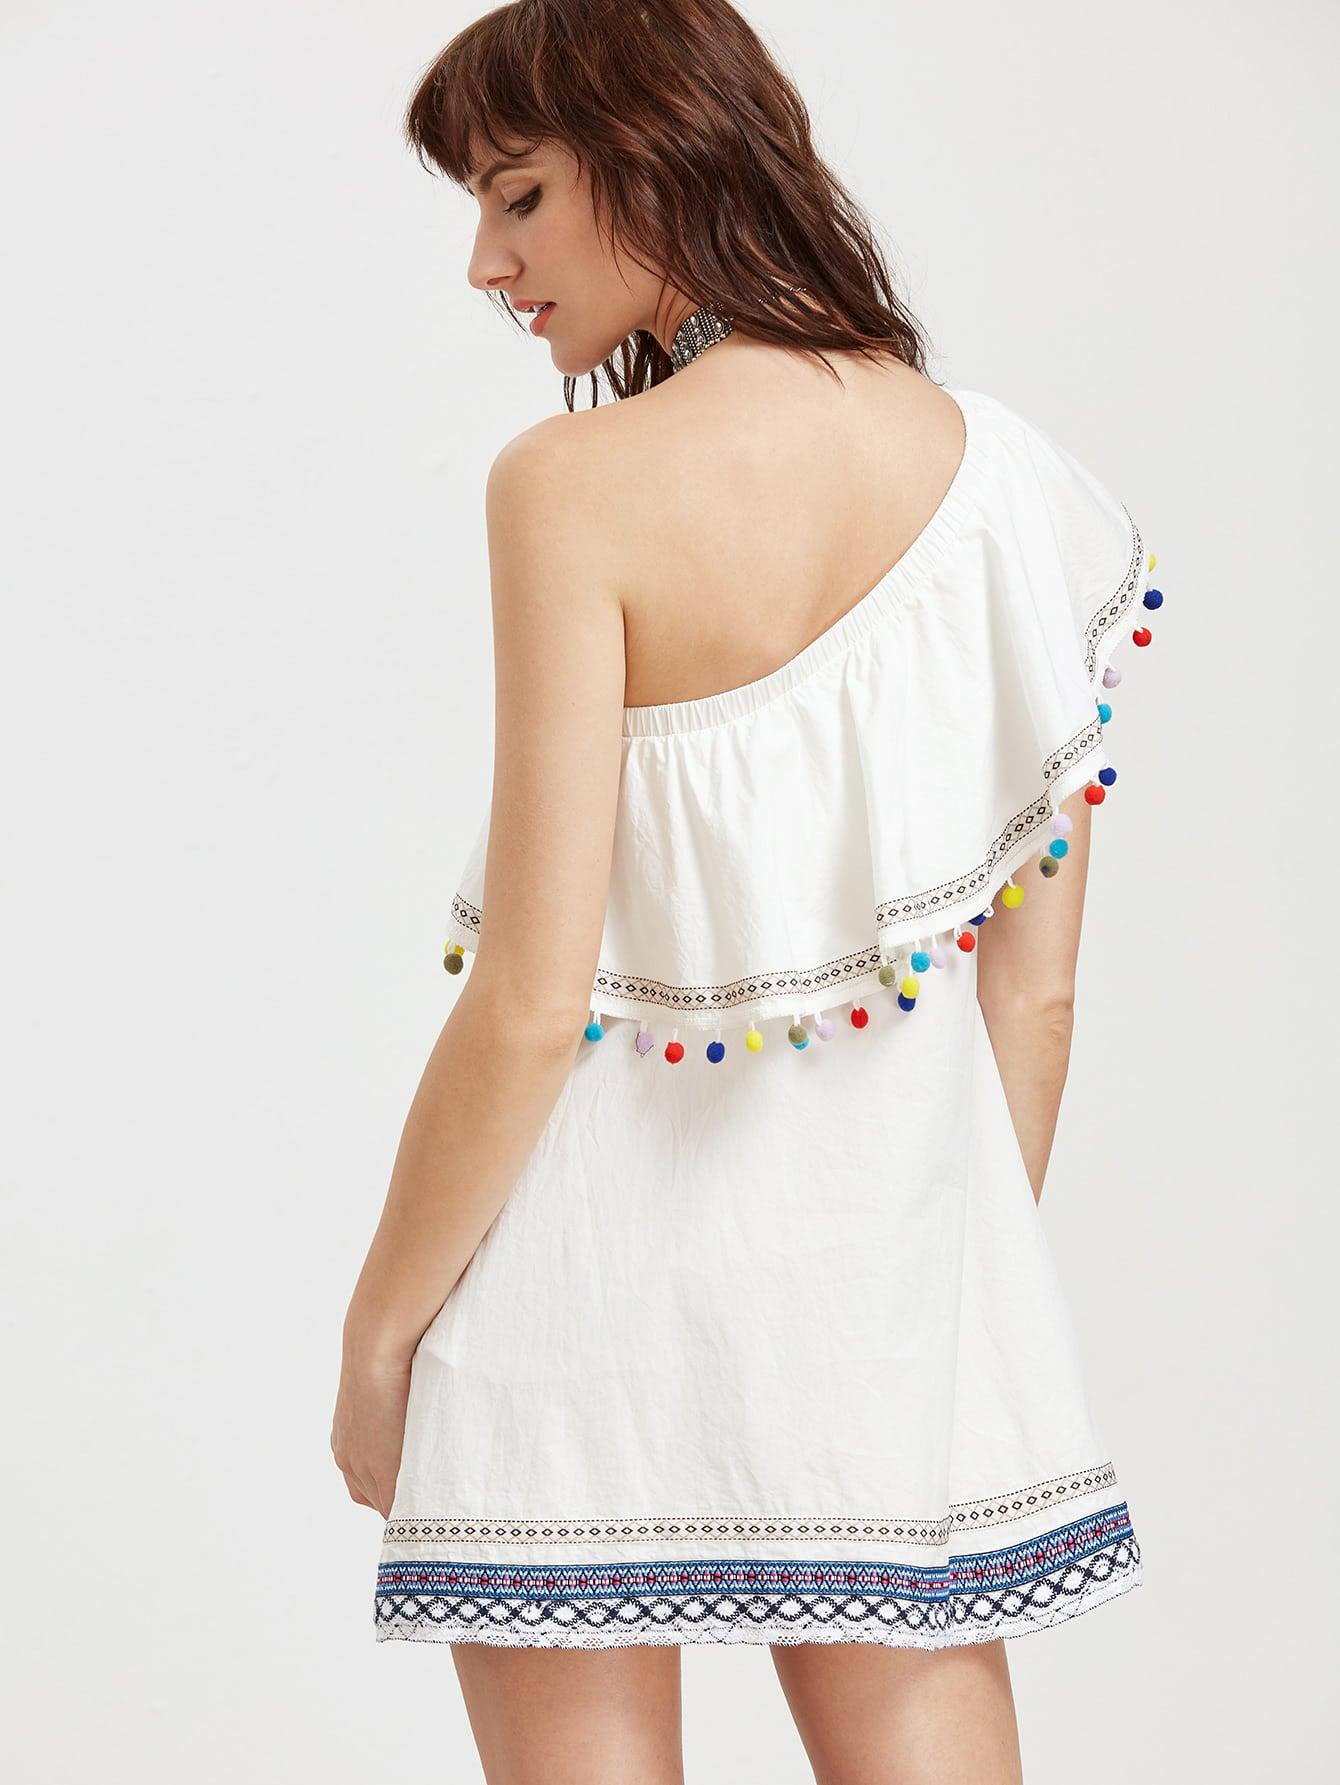 dress170214716_2